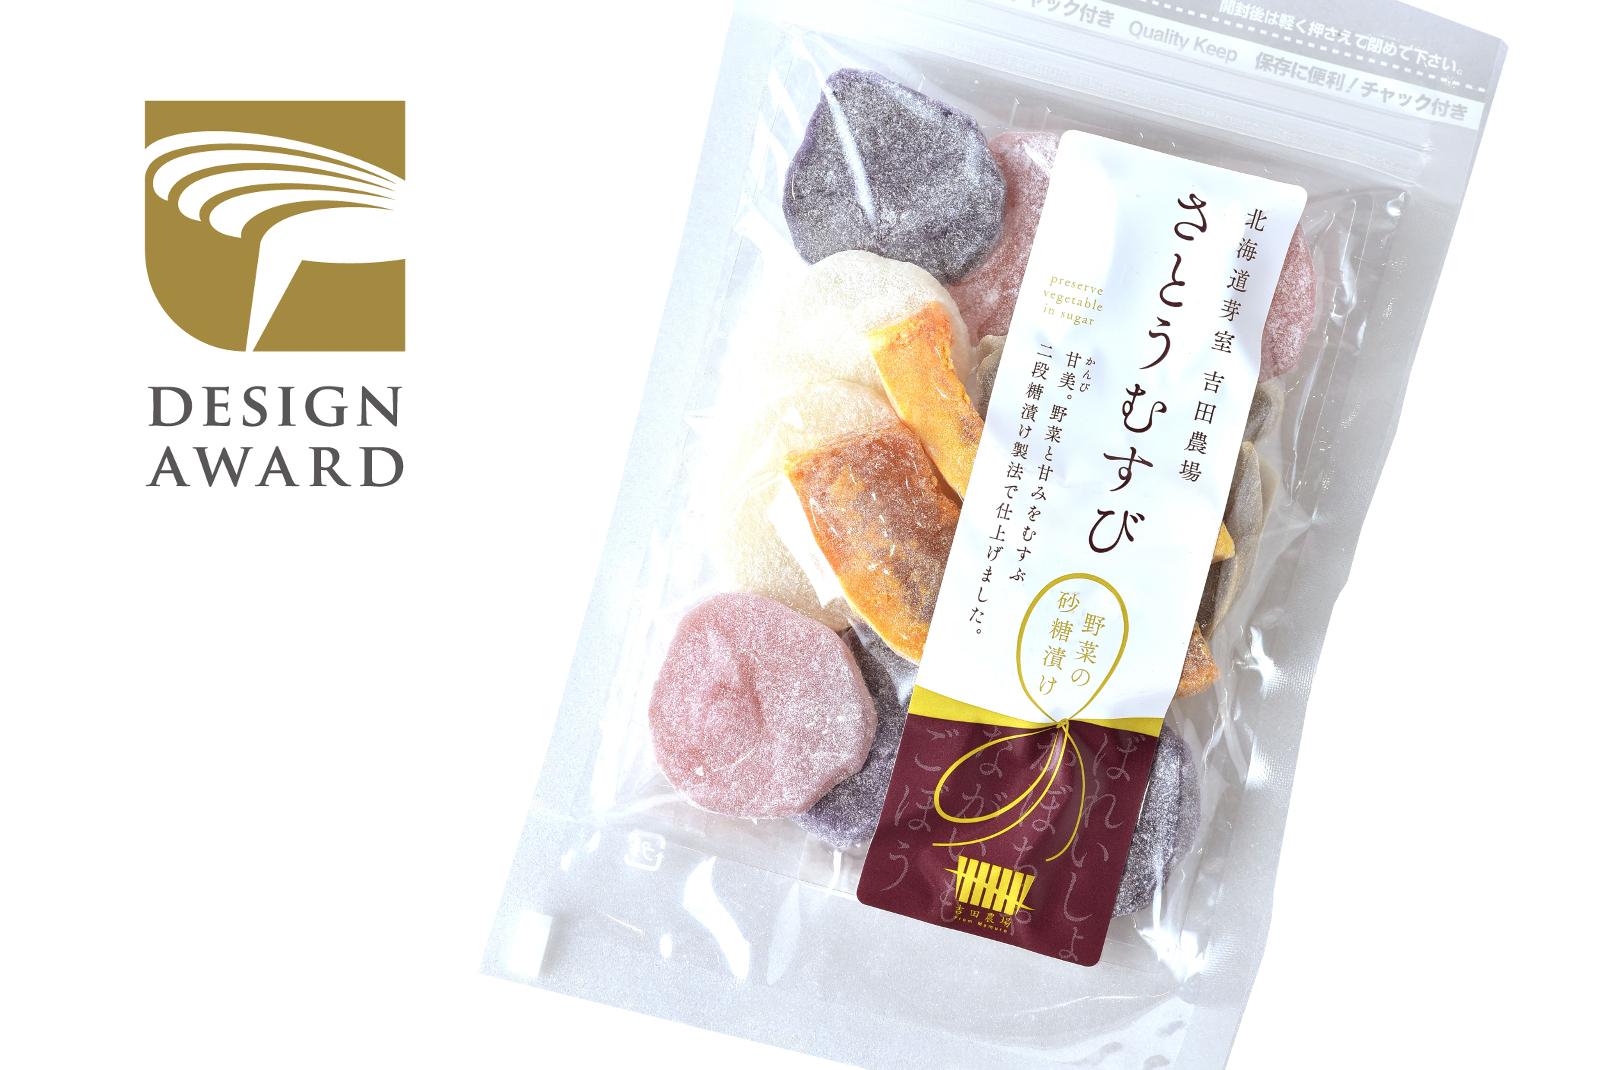 芽室町の野菜加工品「さとうむすび」が台湾のコンテストで金賞受賞!